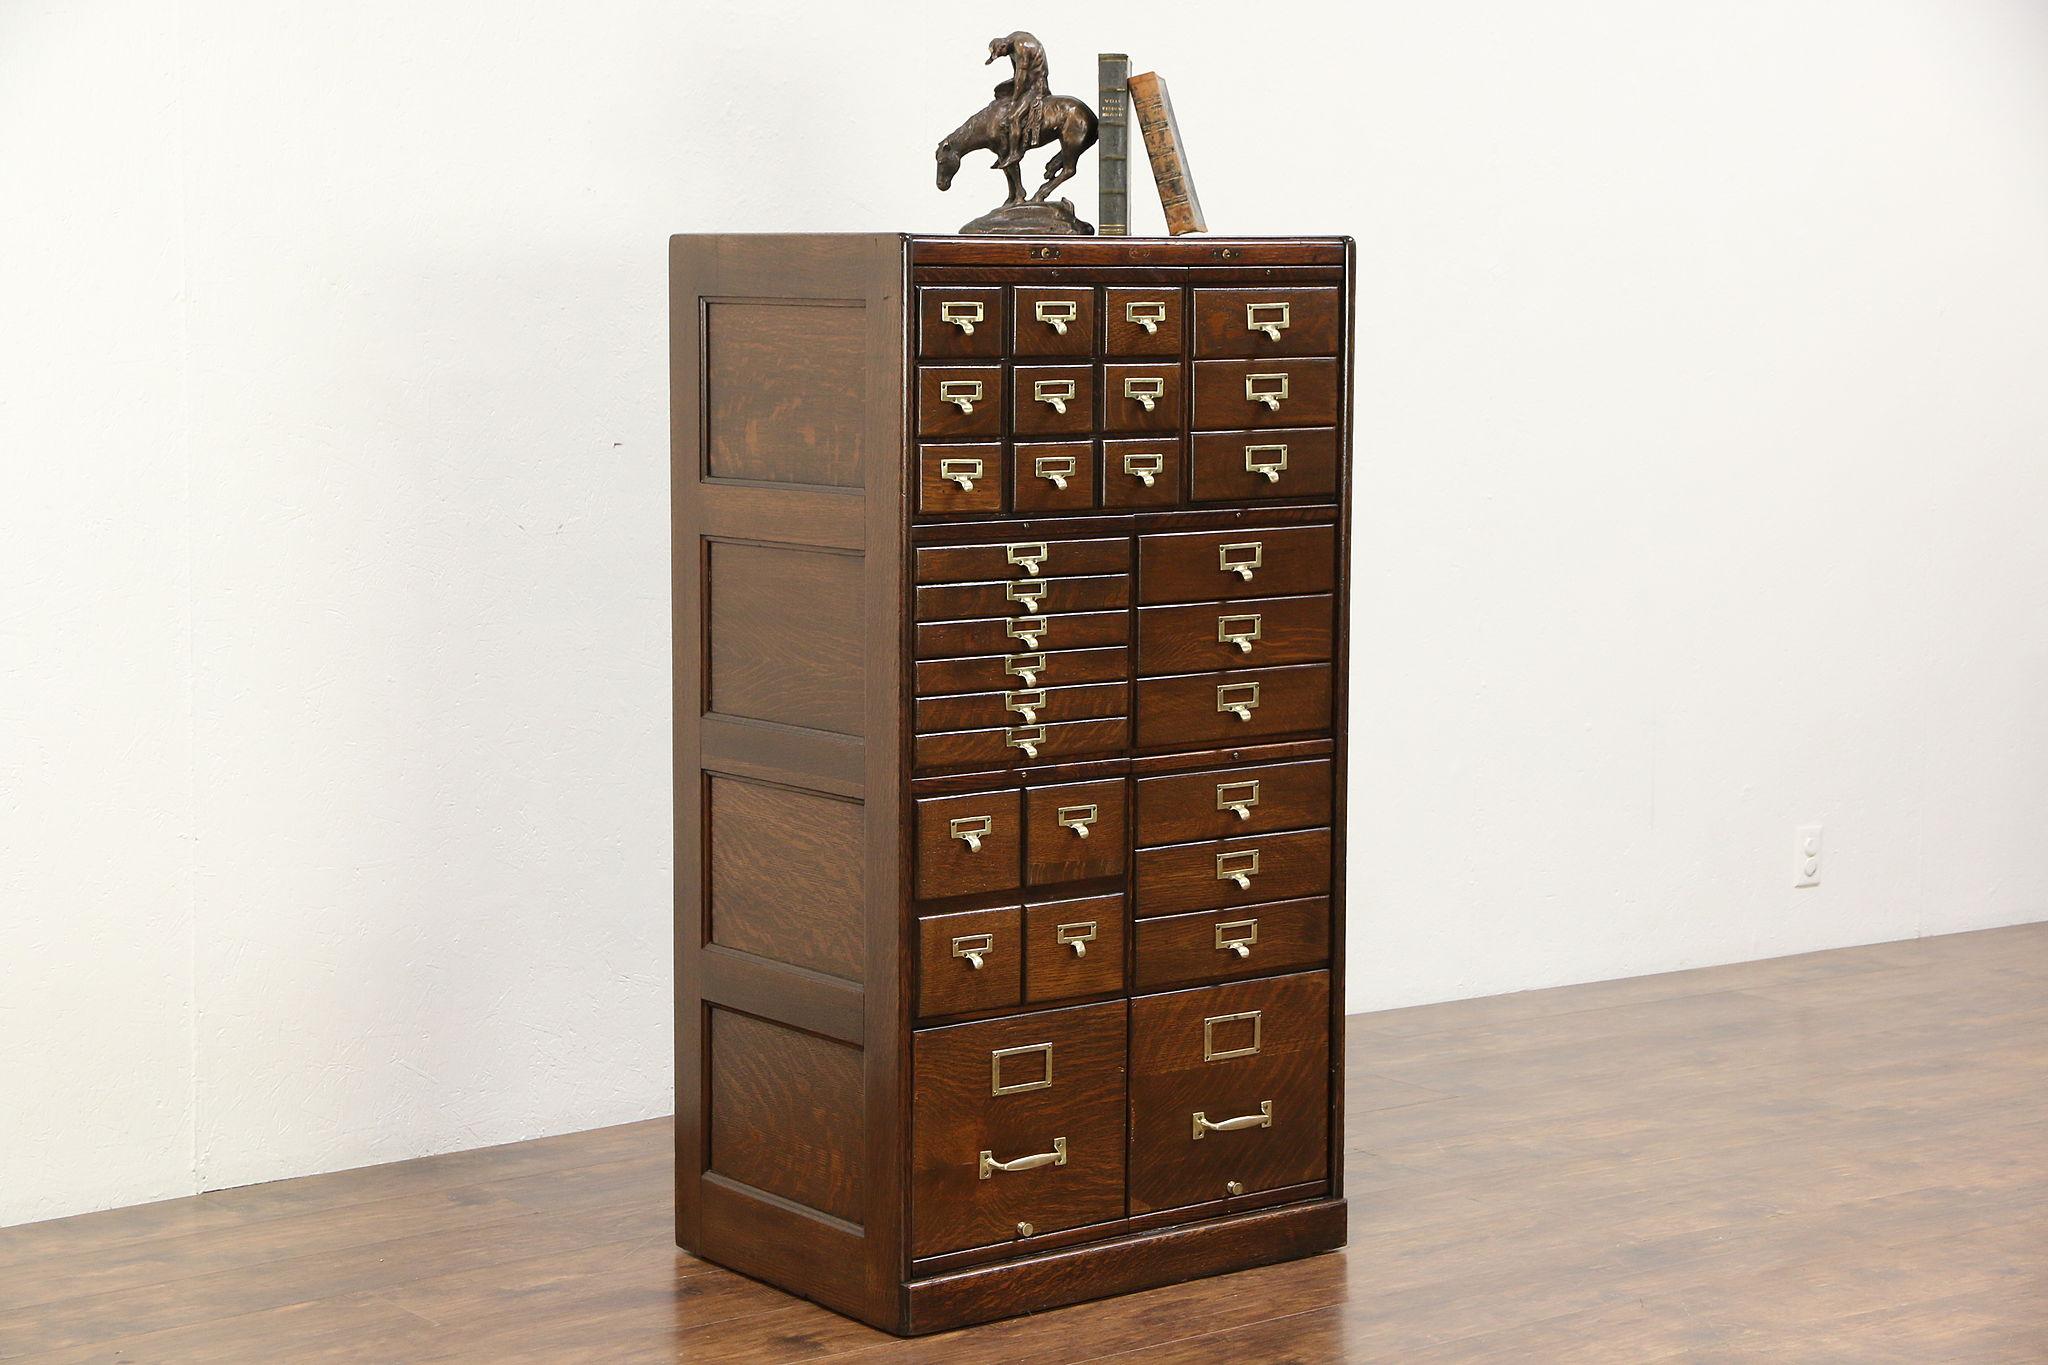 Oak 30 Drawer Antique 1915 File Cabinet, Original Brasses, Signed Macey